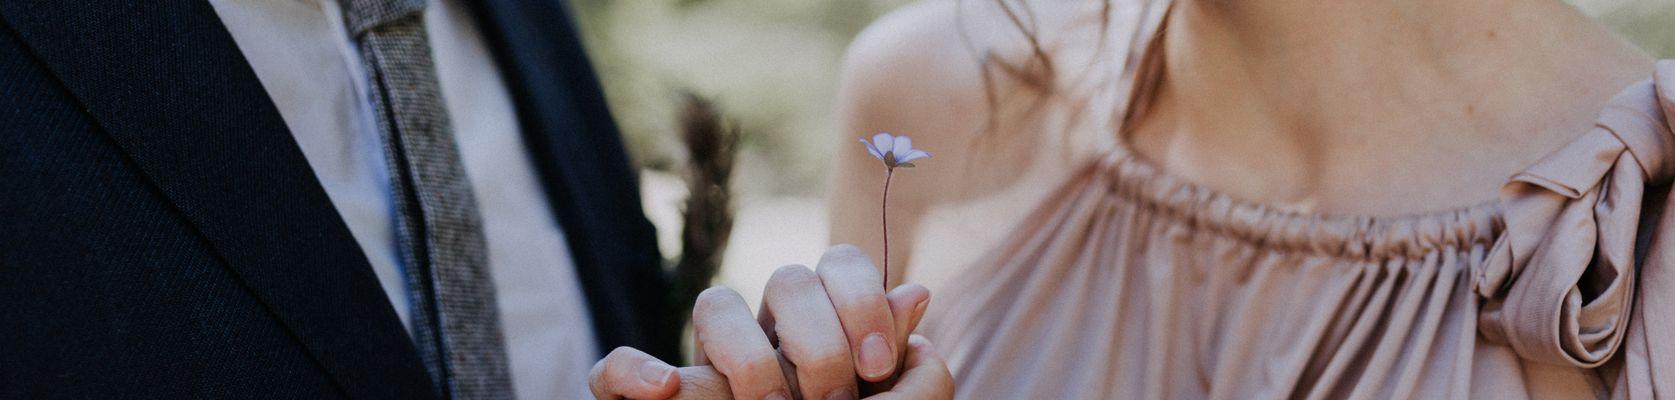 Hochzeitsblog - Alles rund um die Hochzeit